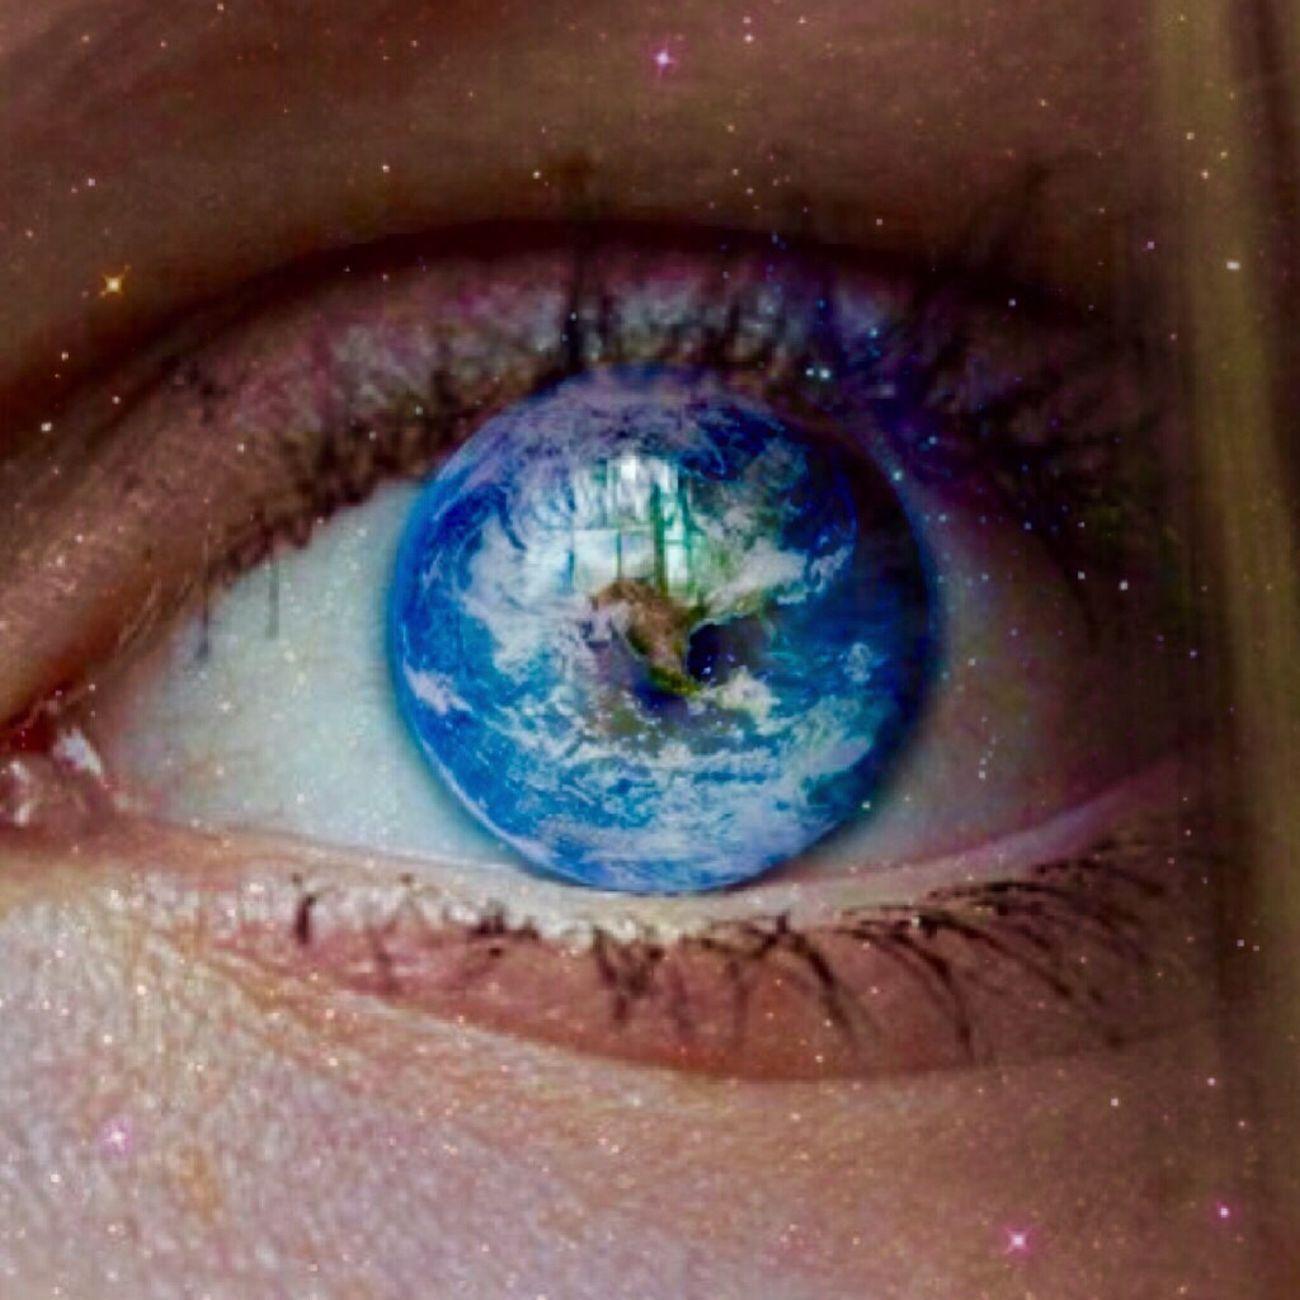 Eye can't sleep🙈 Blue Eyes Earth Wide Awake I Need Sleep 2am Seeing The World